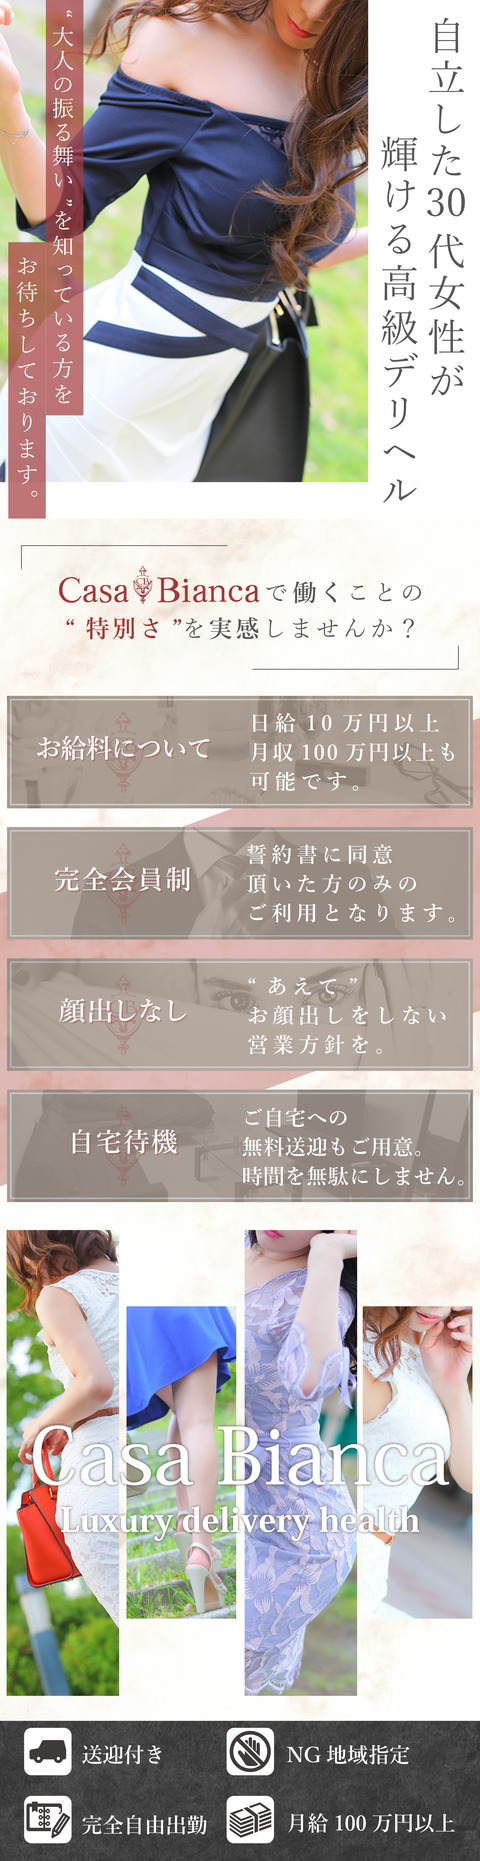 カーサ急募2_修正3